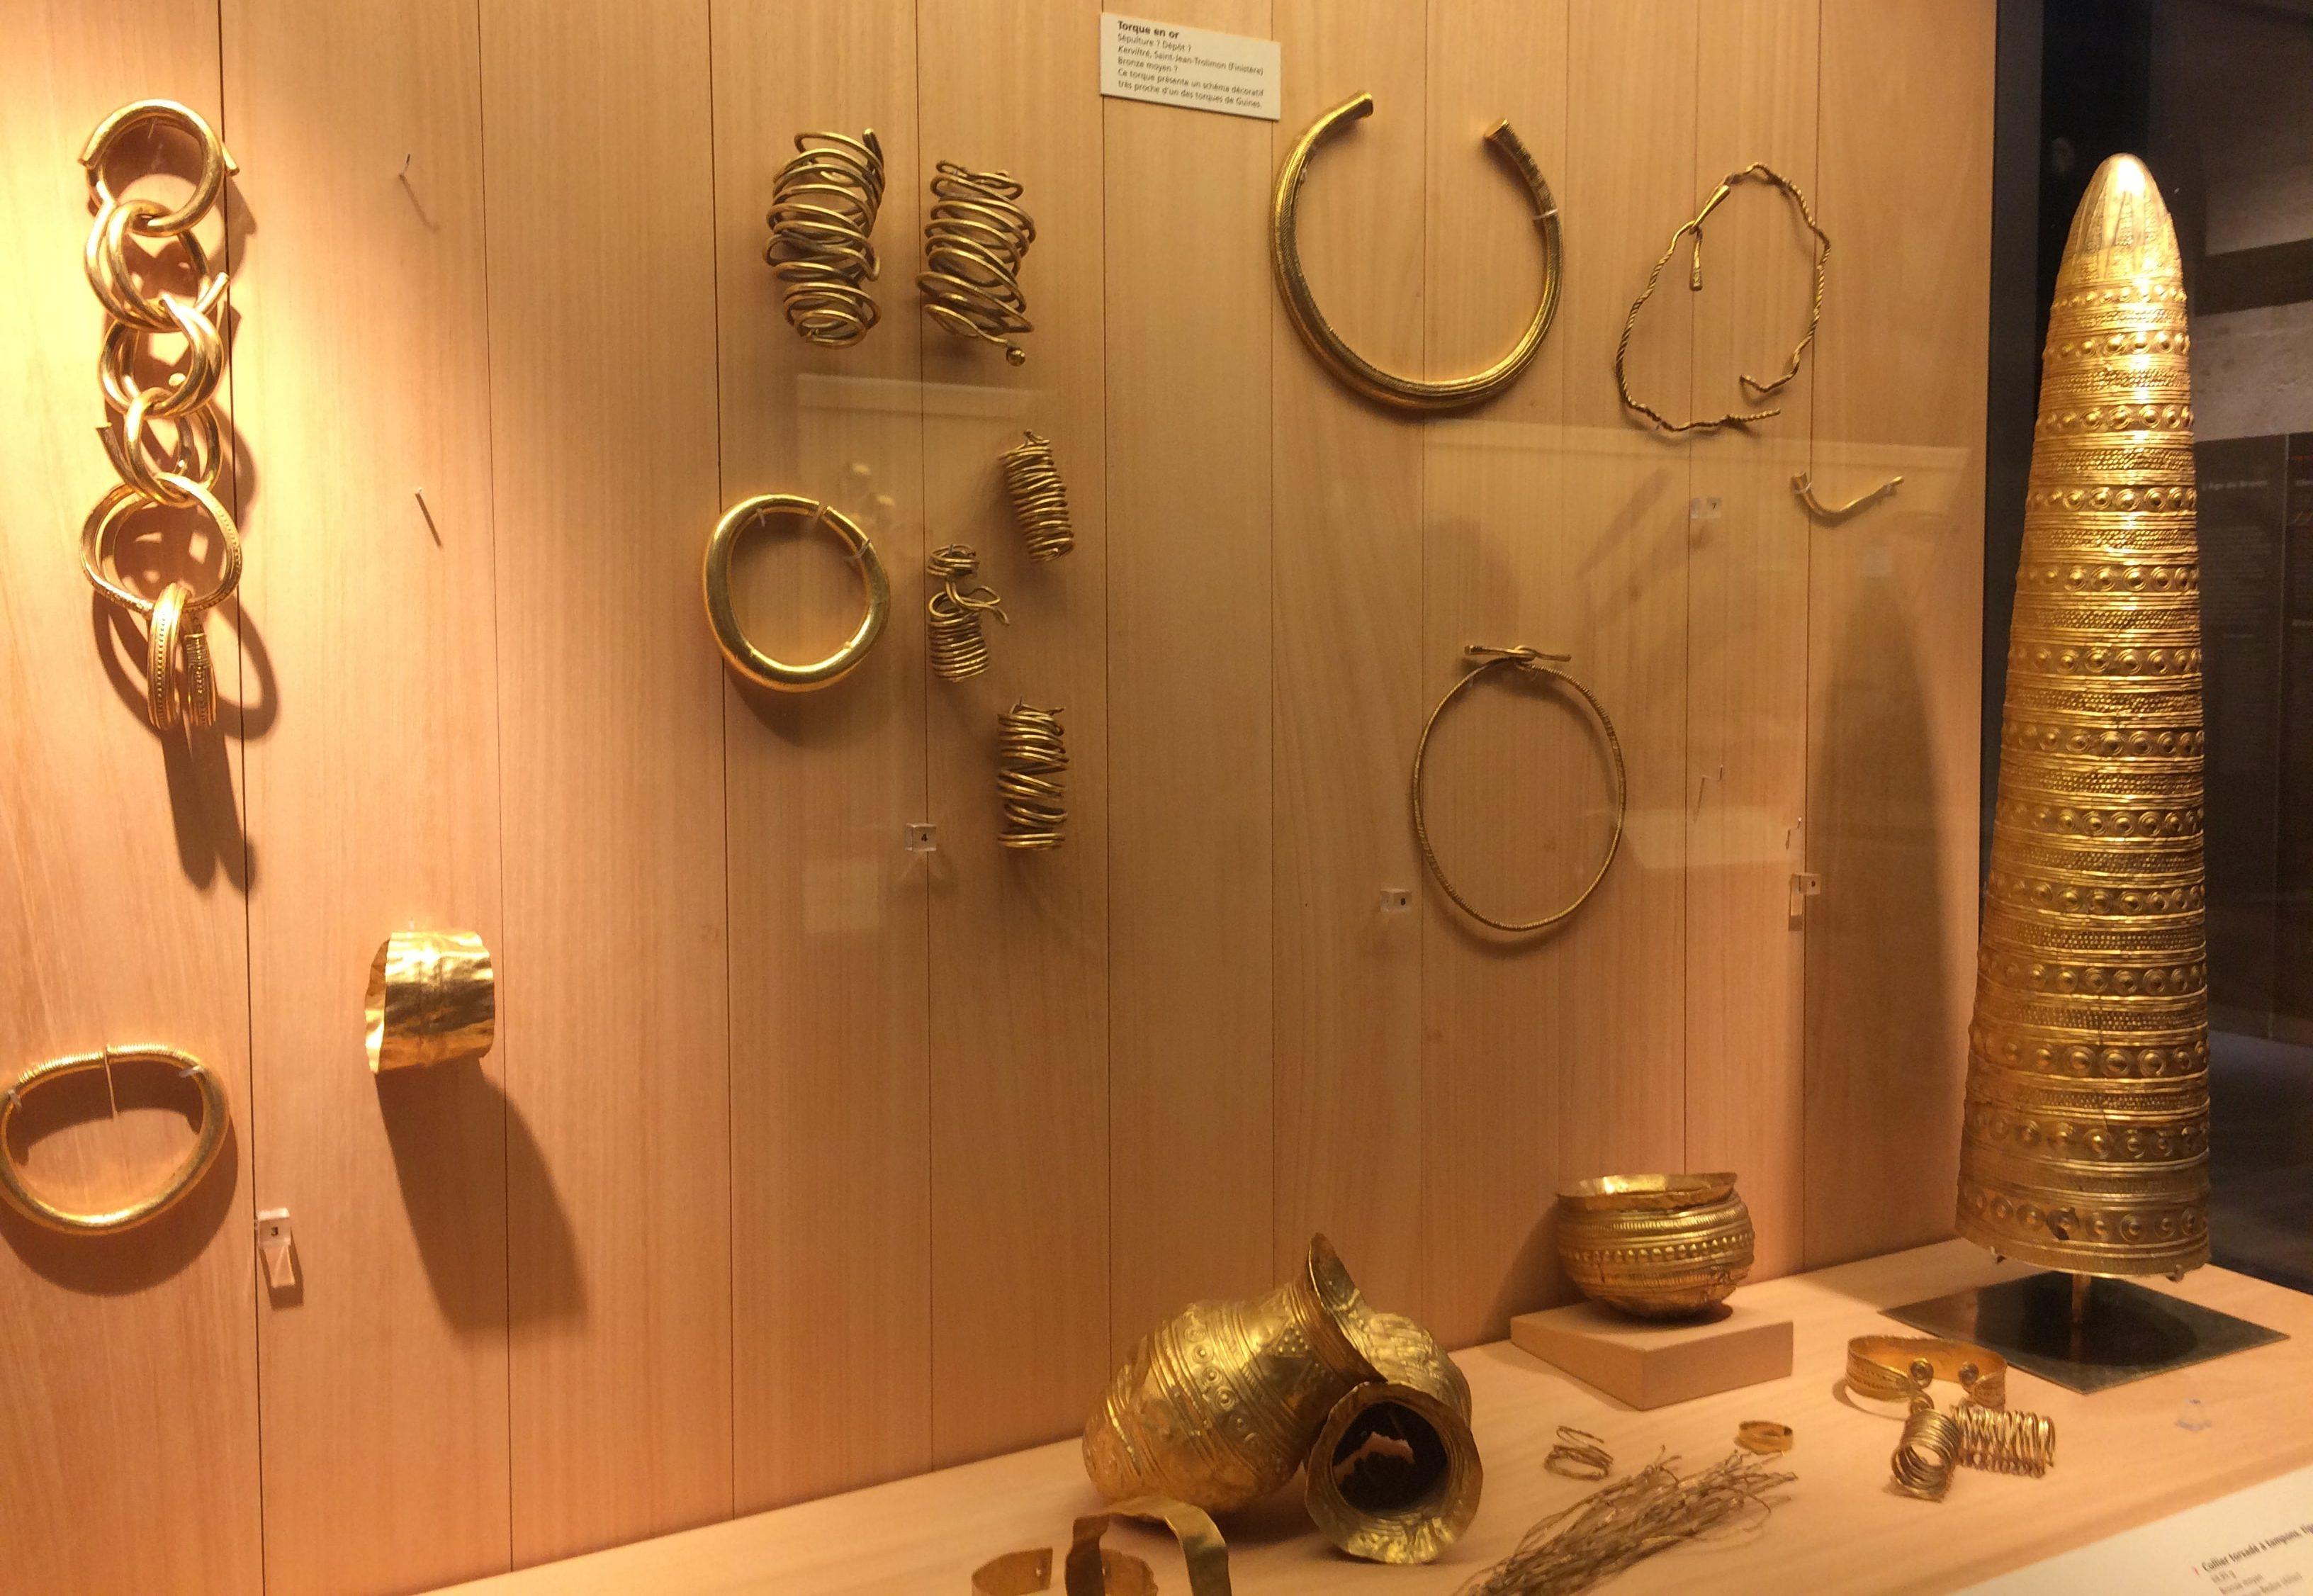 musée archéologie nationale - Saint-Germain-en-Laye